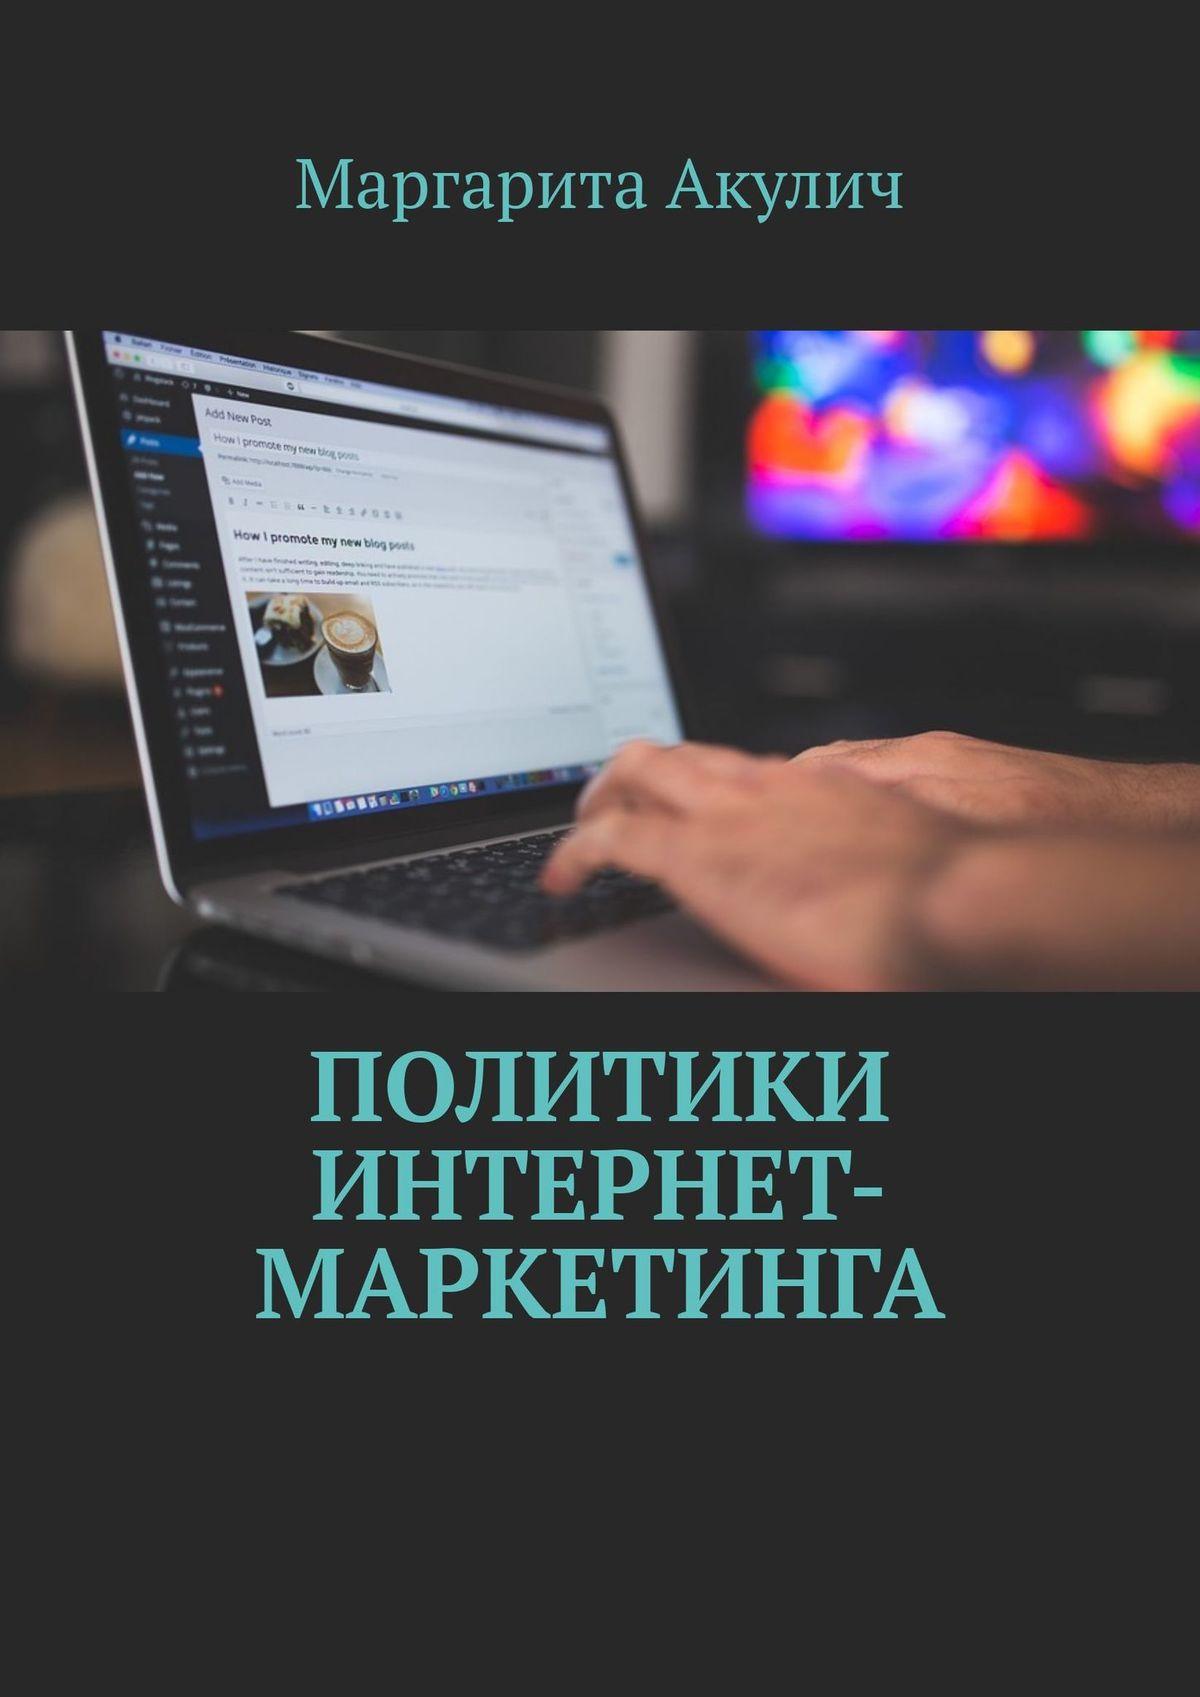 лучшая цена Маргарита Акулич Политики интернет-маркетинга. Интернет-аукционы. Торговые интернет-площадки иторговля